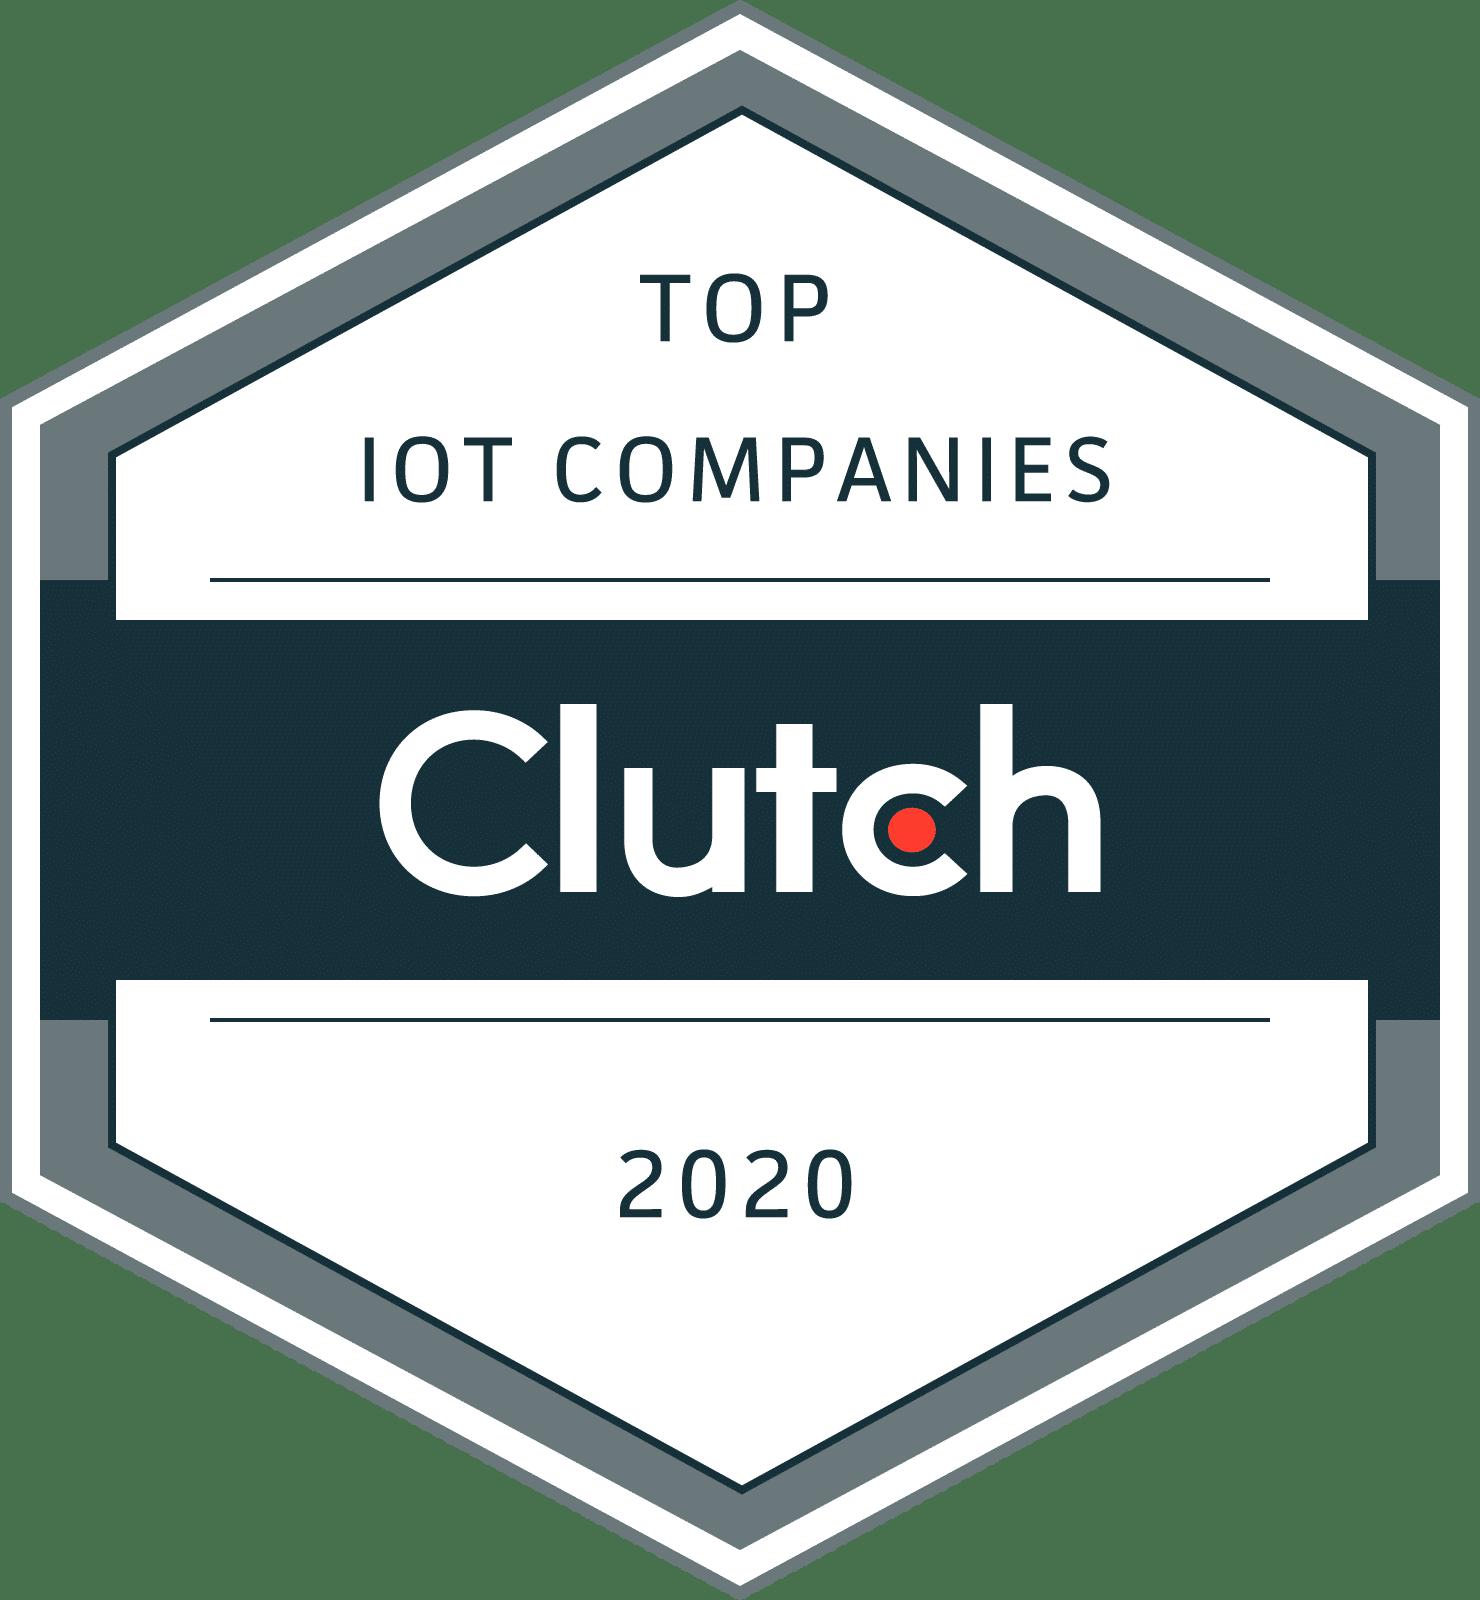 Clutch Top IoT companies 2020